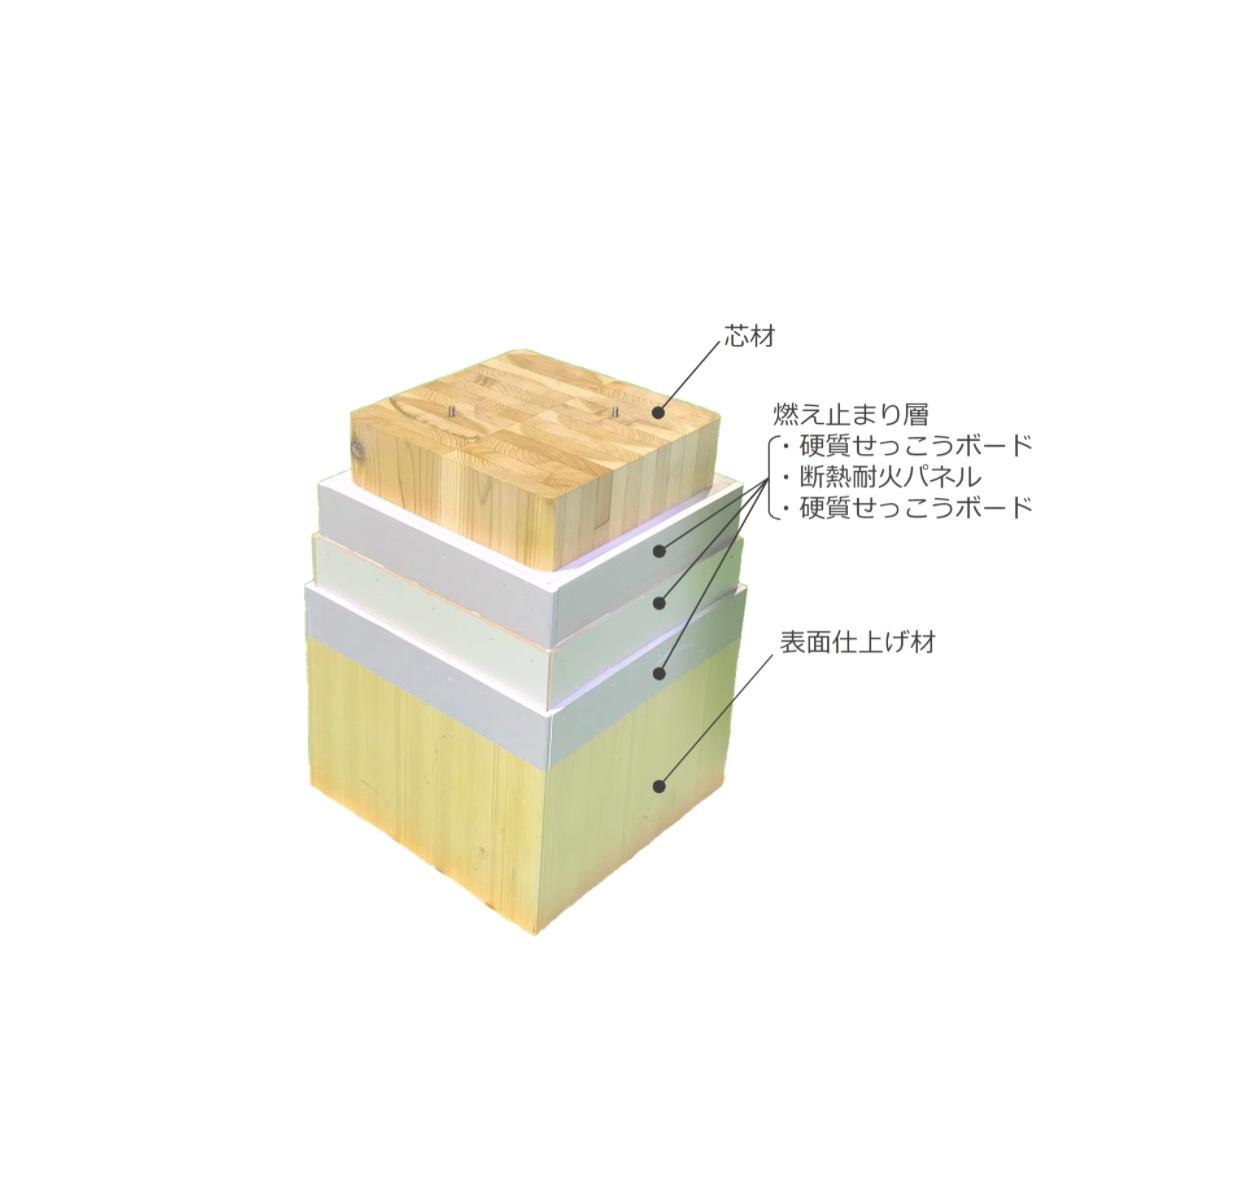 木質耐火部材が大臣認定、15階以上の中大規模木造可能に